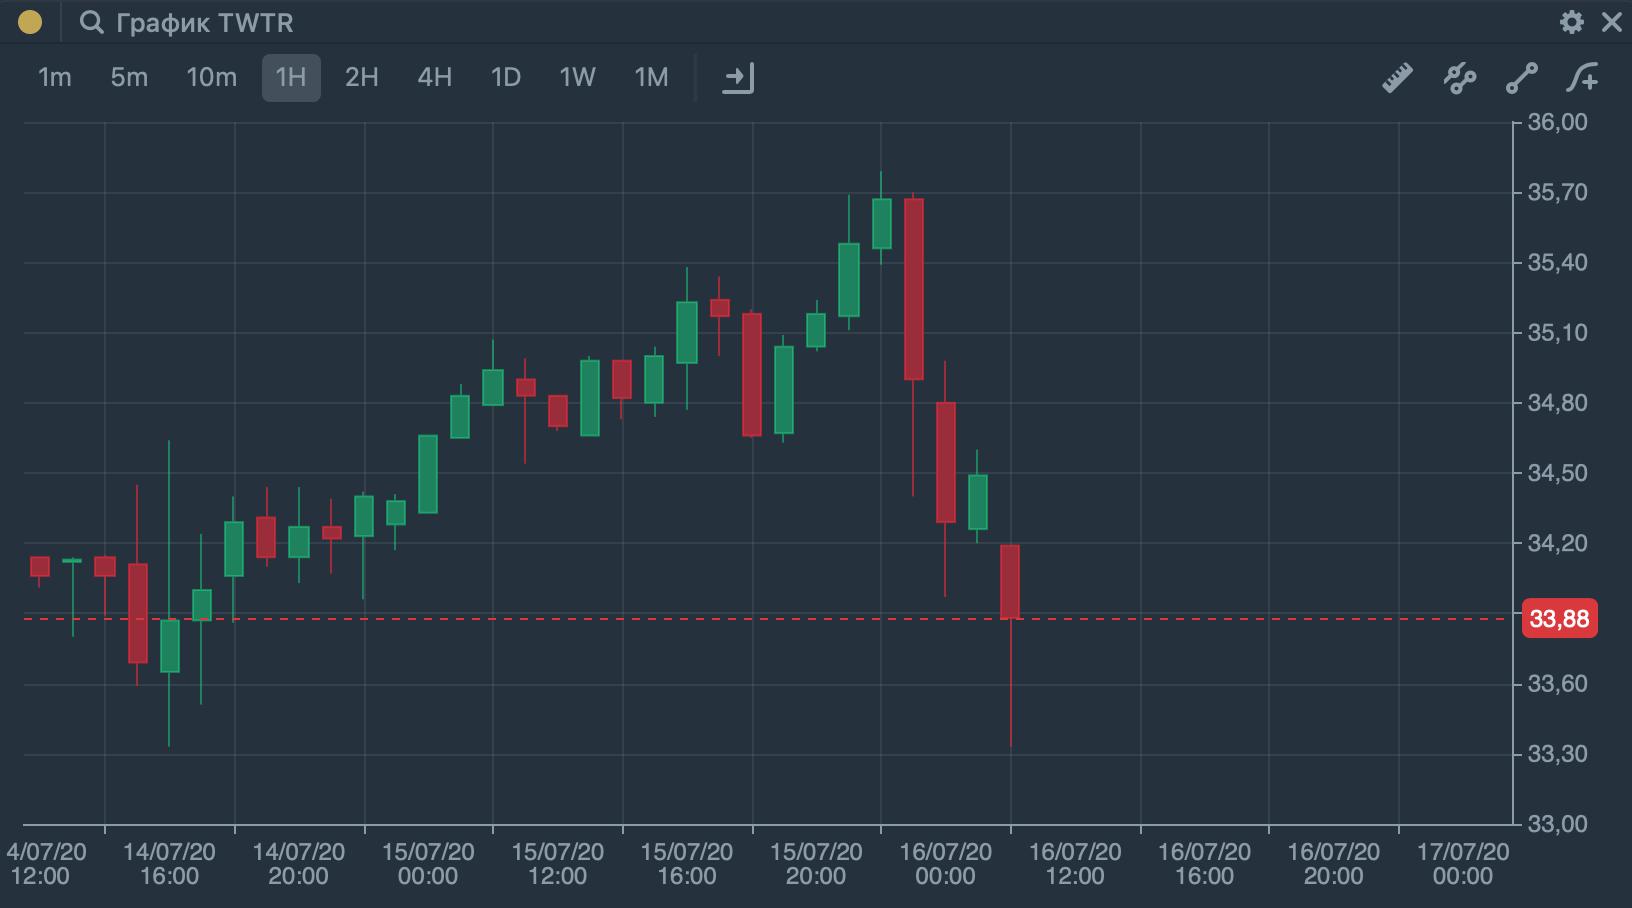 Часовой график акций Twitter